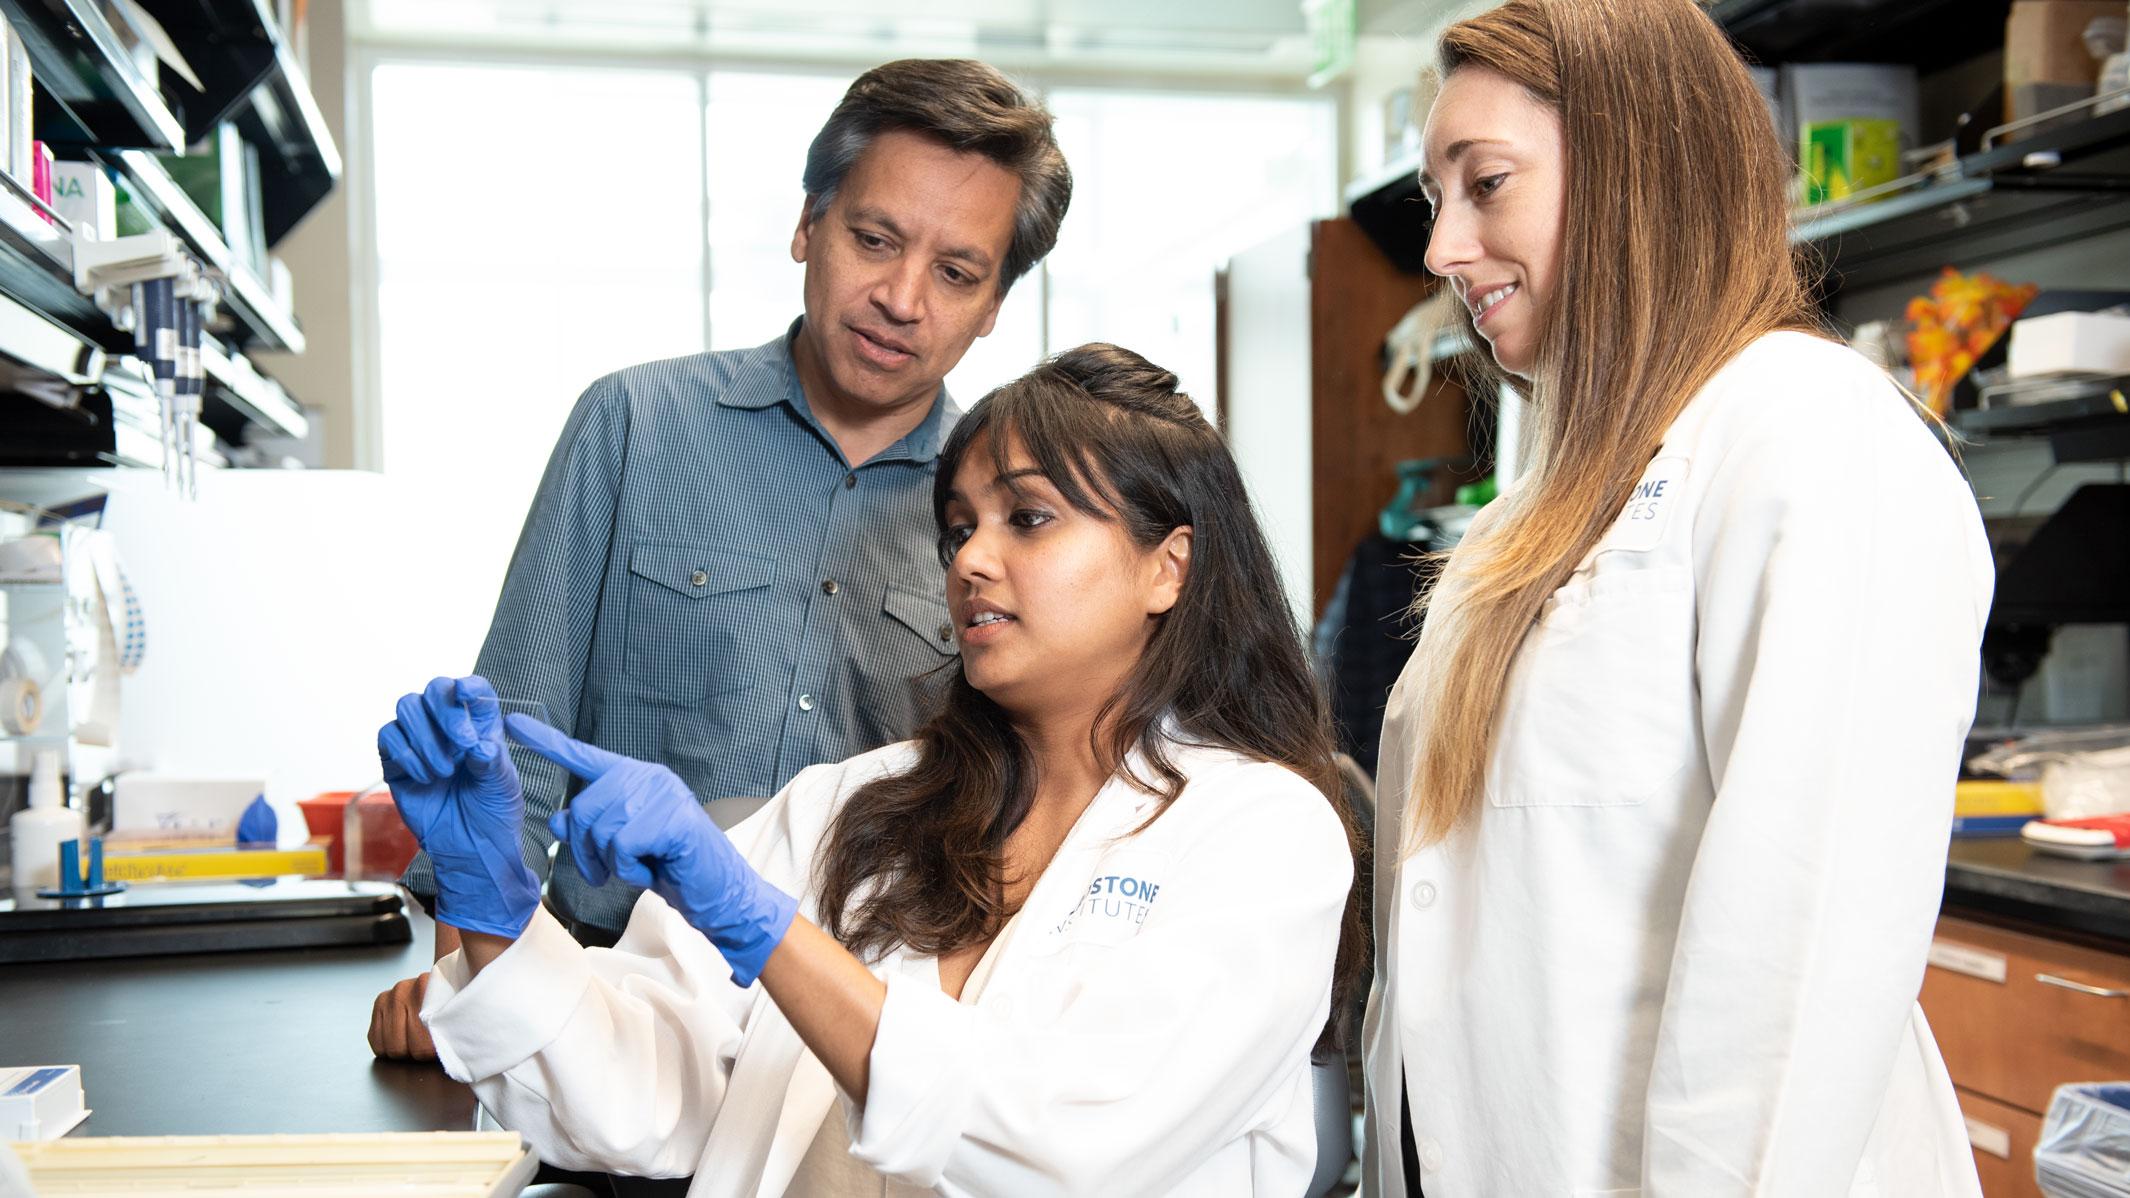 Gladstone scientists Deepak Srivastava, Yvanka DeSoysa, and Casey Gifford